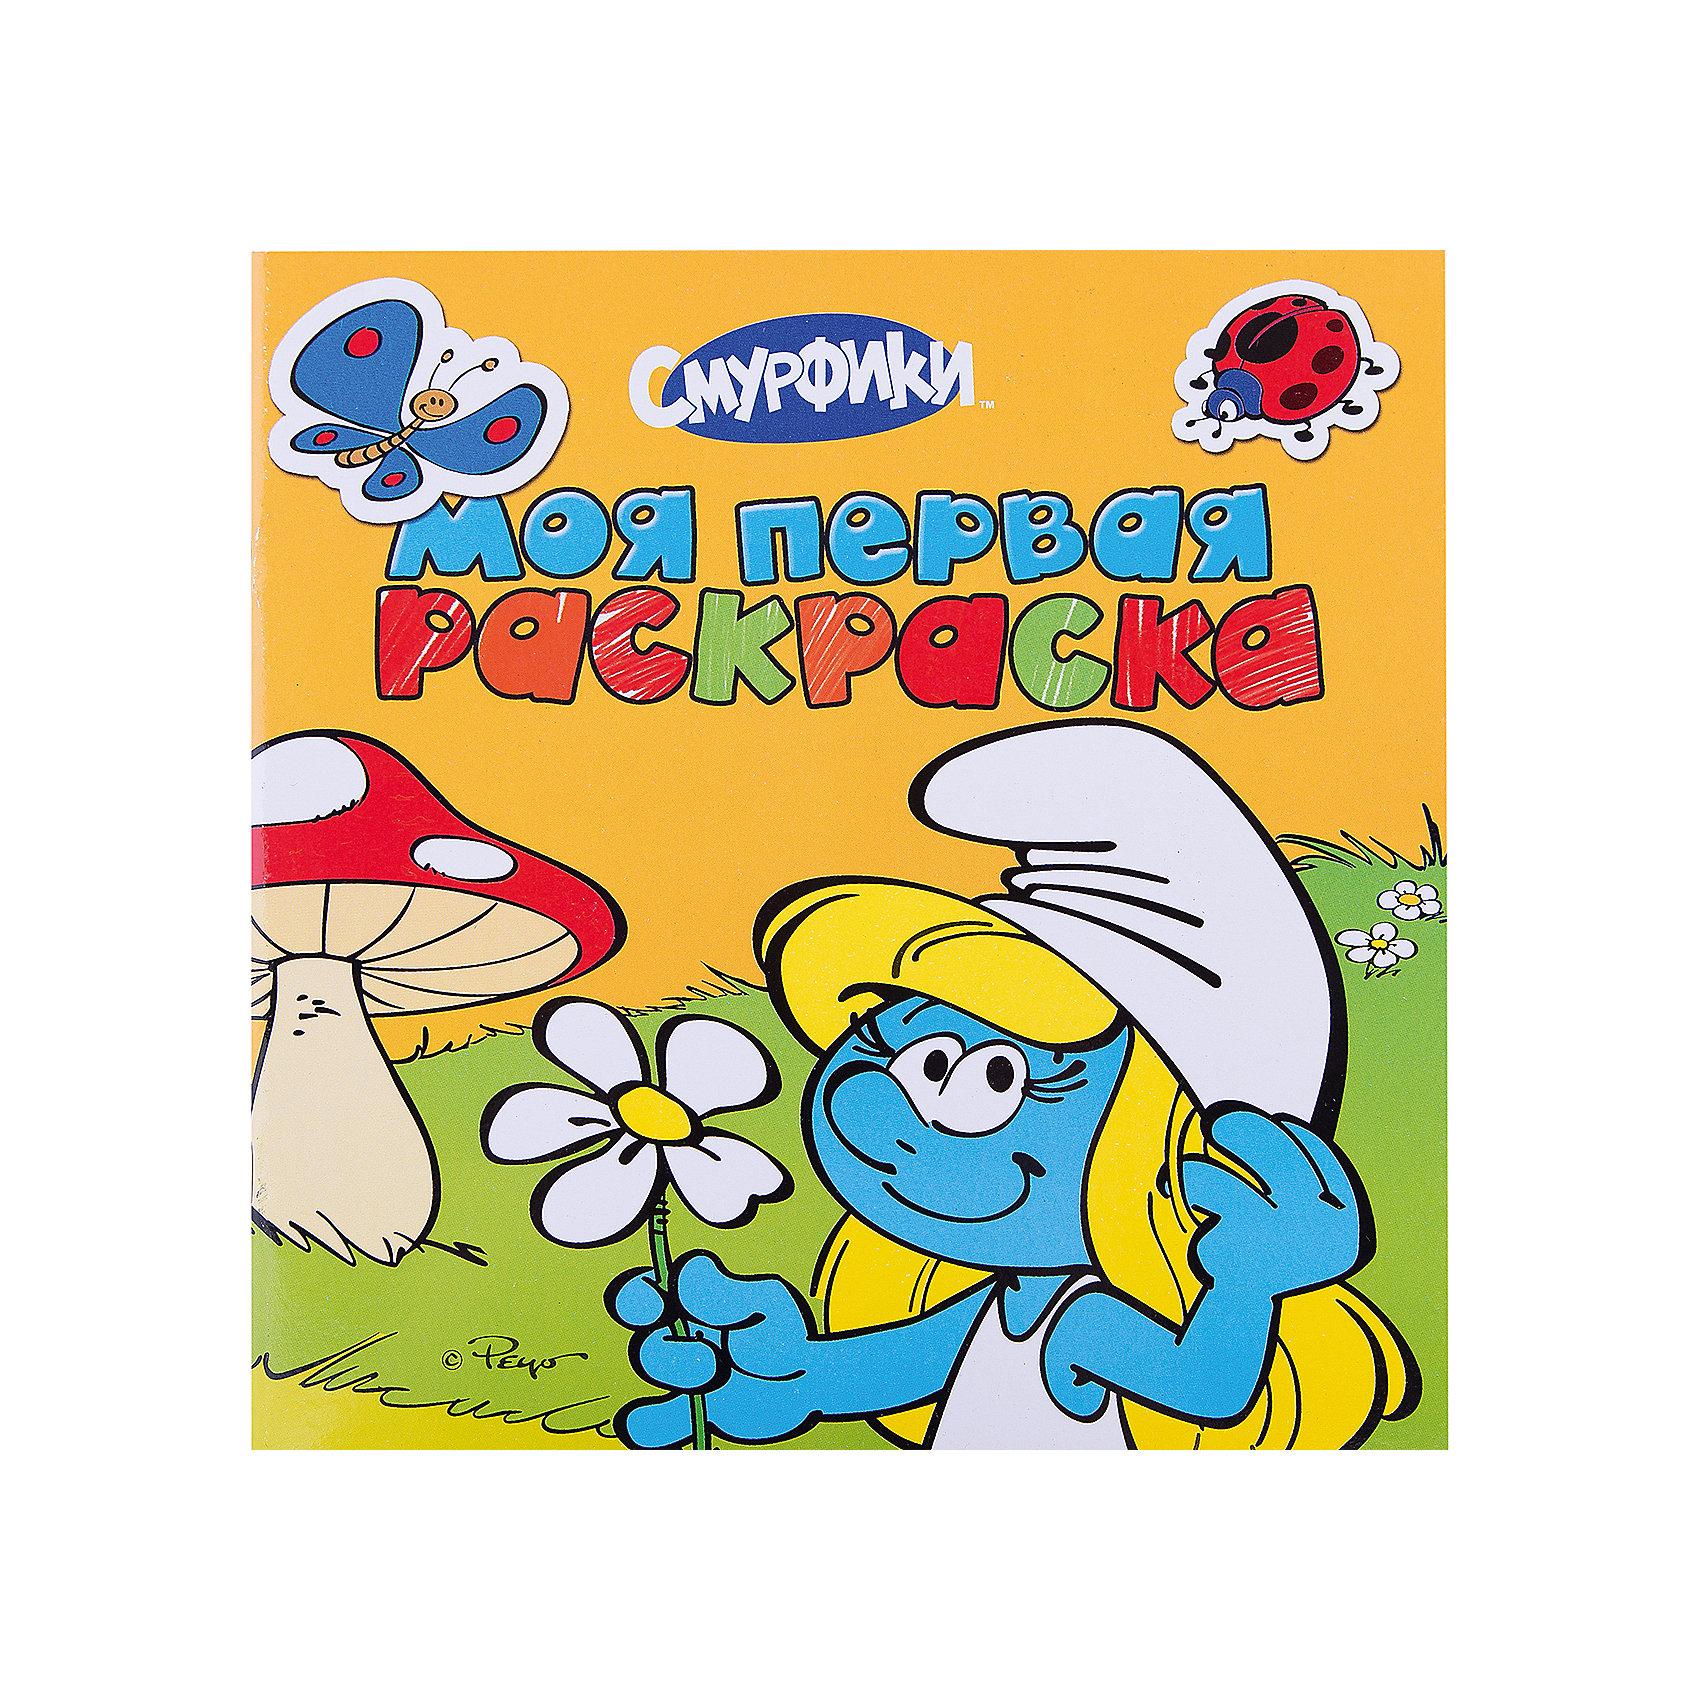 Моя первая раскраска (желтая), СмурфикиМоя первая раскраска (желтая), Смурфики<br><br>Характеристики:<br>- В набор входит: альбом для раскрашивания<br>- количество страниц: 12<br>- формат: 25 * 0,3 * 25 см.<br>- Тип обложки: мягкая<br>- вес: 99 гр.<br>Альбом-раскраска с героями известного мультфильма синими смурфиками сделает рисование еще веселее. Каждая страничка раскраски имеет свою историю, которая произошла в городе Смурфидол. Работая с раскрасками ребенок развивает мелкую моторику, усидчивость, чувство цвета и развивает творческие способности. Также доказано положительное влияние раскрасок на психологическое развитие. Кроме всех полезных свойств раскраски это еще и отличное времяпровождение в компании с любимыми героями и воображением. <br>Альбом Моя первая раскраска (желтая), Смурфики можно купить в нашем интернет-магазине.<br>Подробнее:<br>• ISBN: 9785353062219<br>• Для детей в возрасте: от 0 до 6 лет<br>• Номер товара: 5109585<br>Страна производитель: Российская Федерация<br><br>Ширина мм: 245<br>Глубина мм: 240<br>Высота мм: 3<br>Вес г: 99<br>Возраст от месяцев: 0<br>Возраст до месяцев: 36<br>Пол: Унисекс<br>Возраст: Детский<br>SKU: 5109585